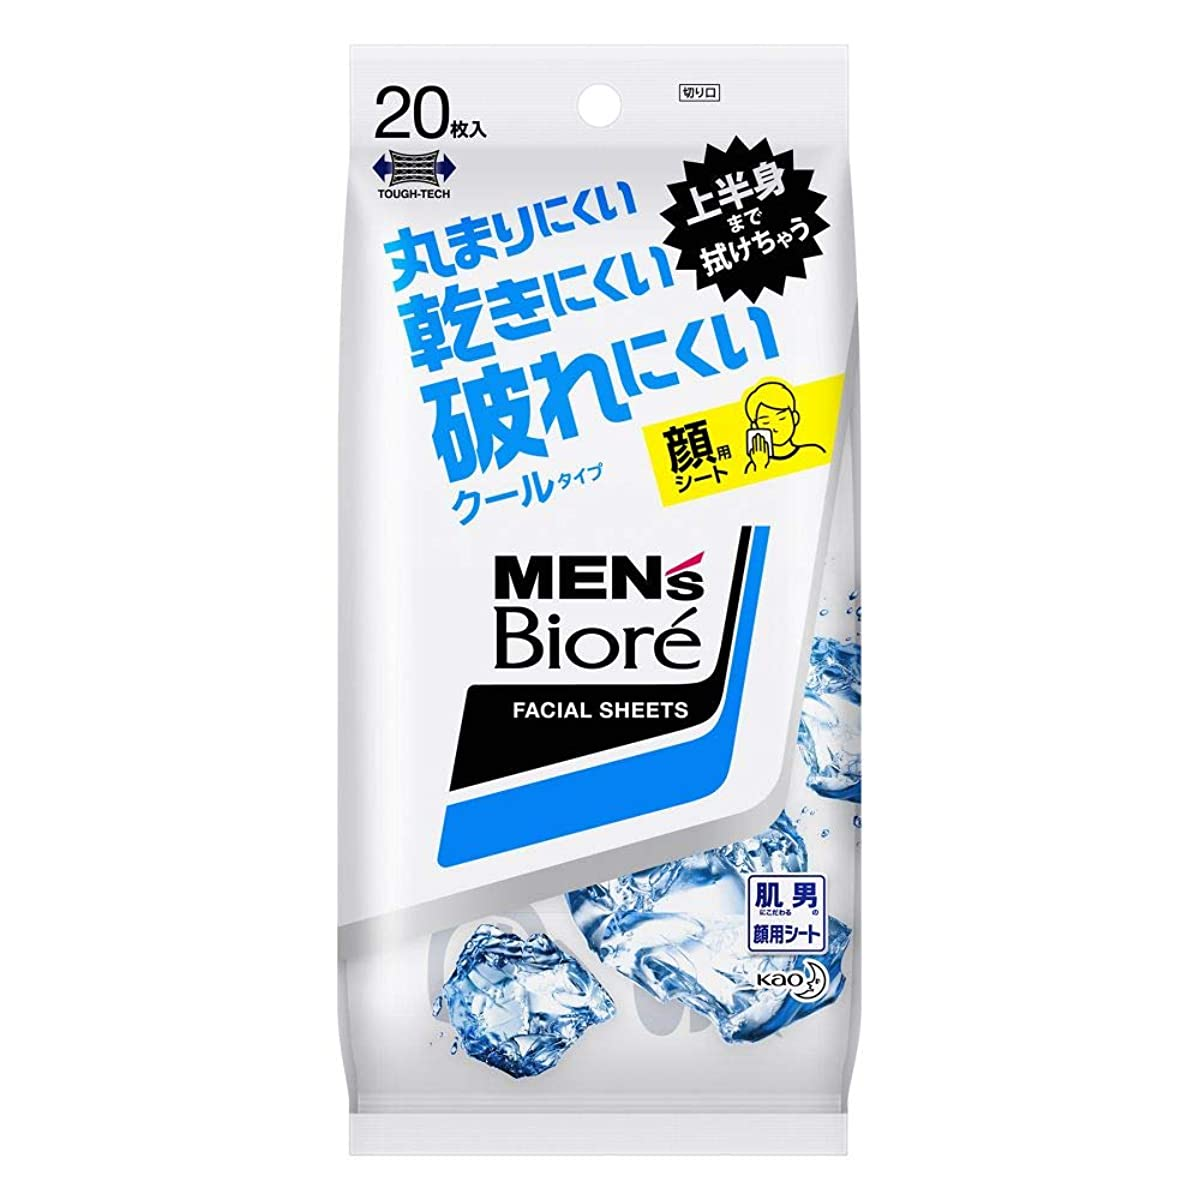 任命先駆者と遊ぶ花王 メンズビオレ 洗顔シート クール 携帯用 20枚